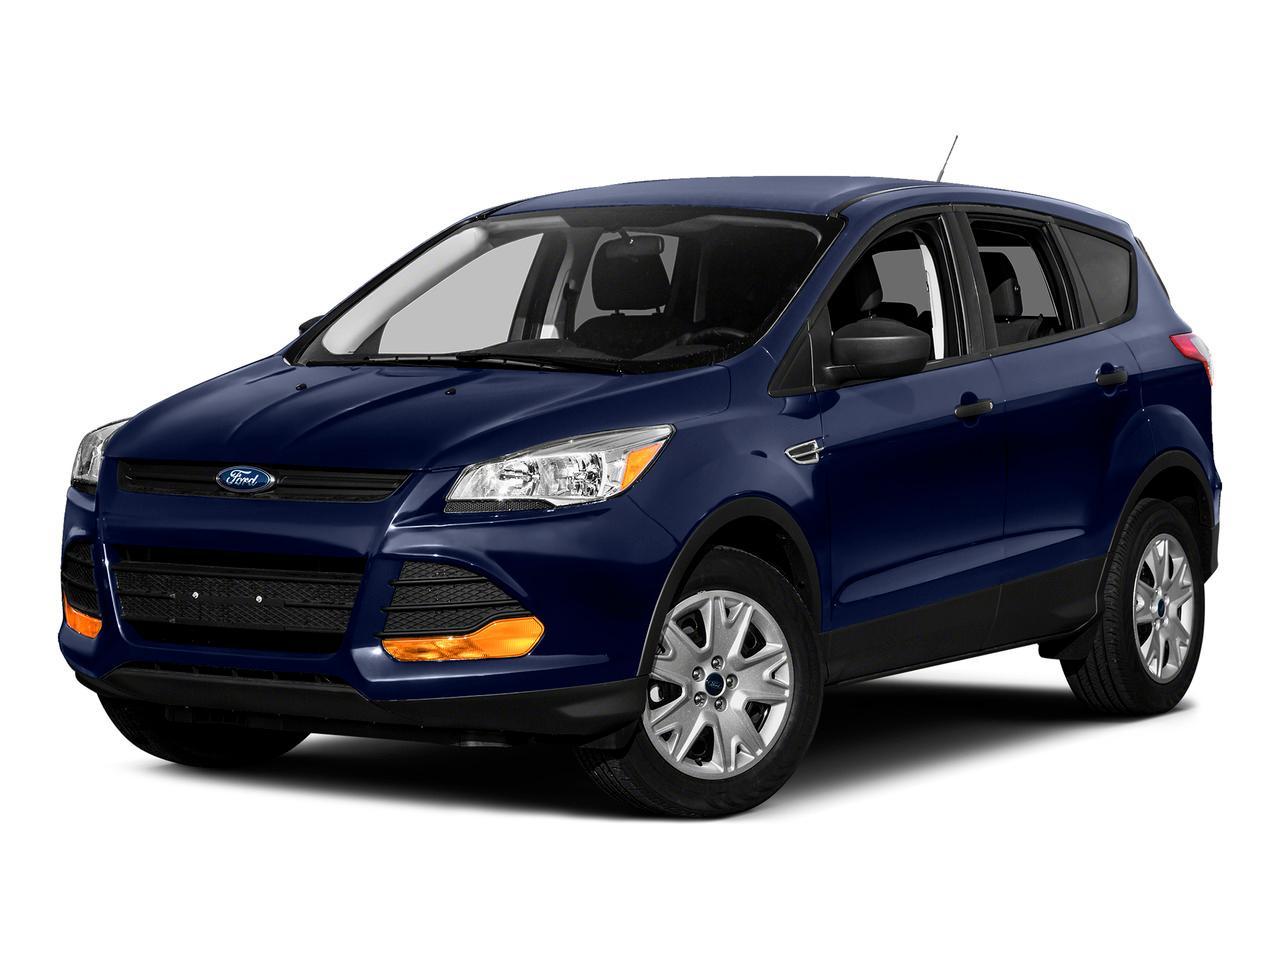 2015 Ford Escape Vehicle Photo in WASILLA, AK 99654-8339